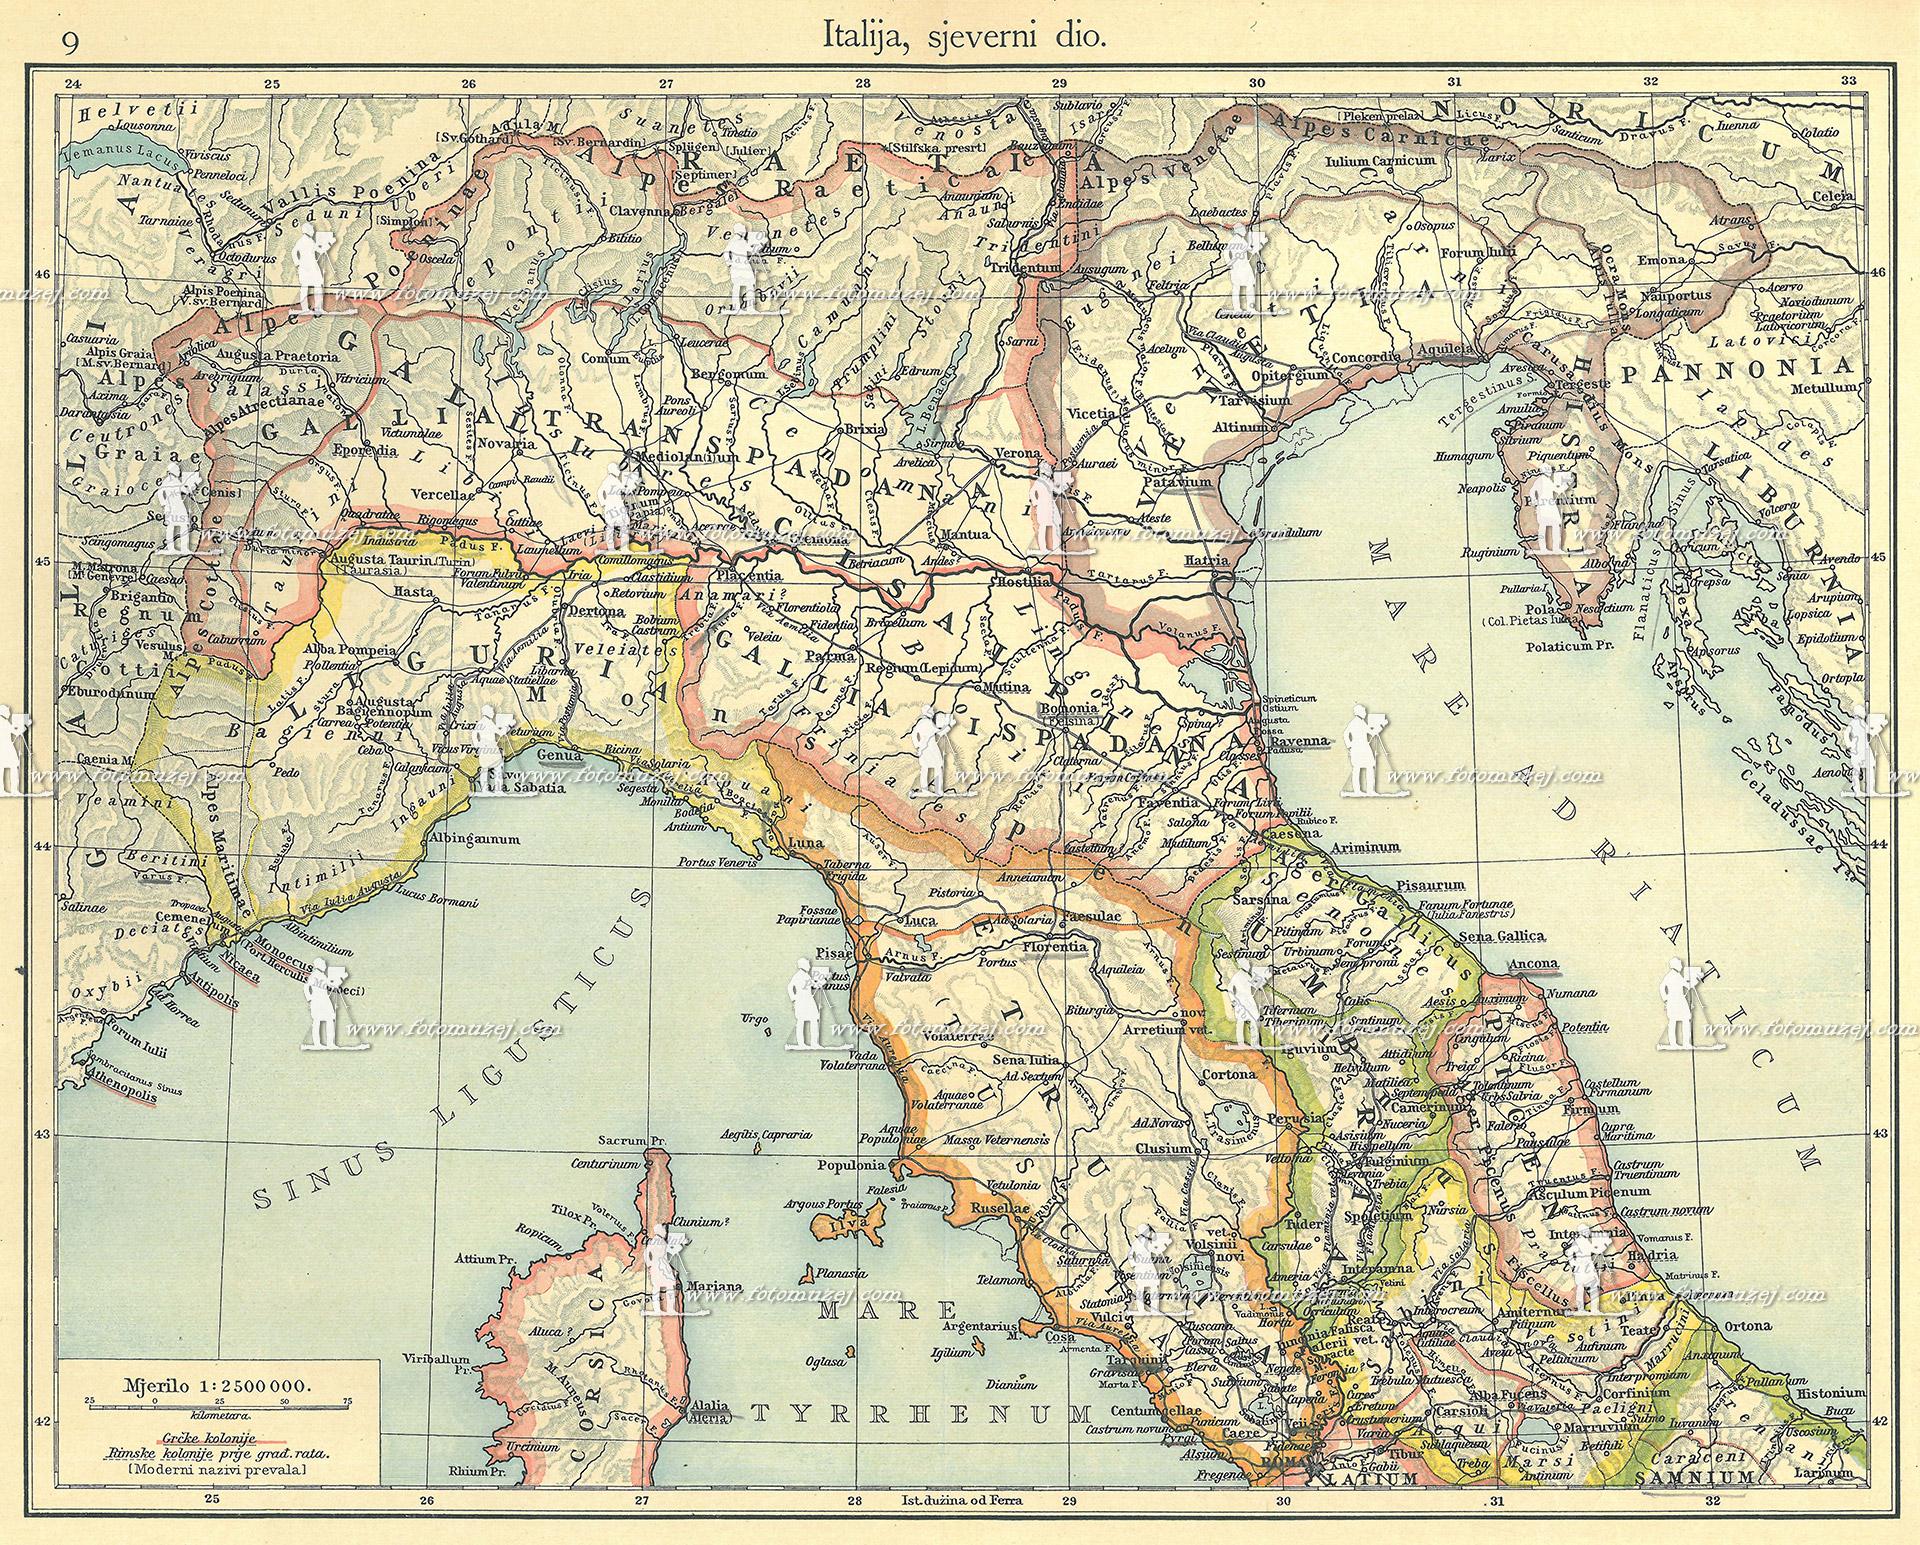 Istorijska Fotografija Italija Severni Deo Fotomuzej